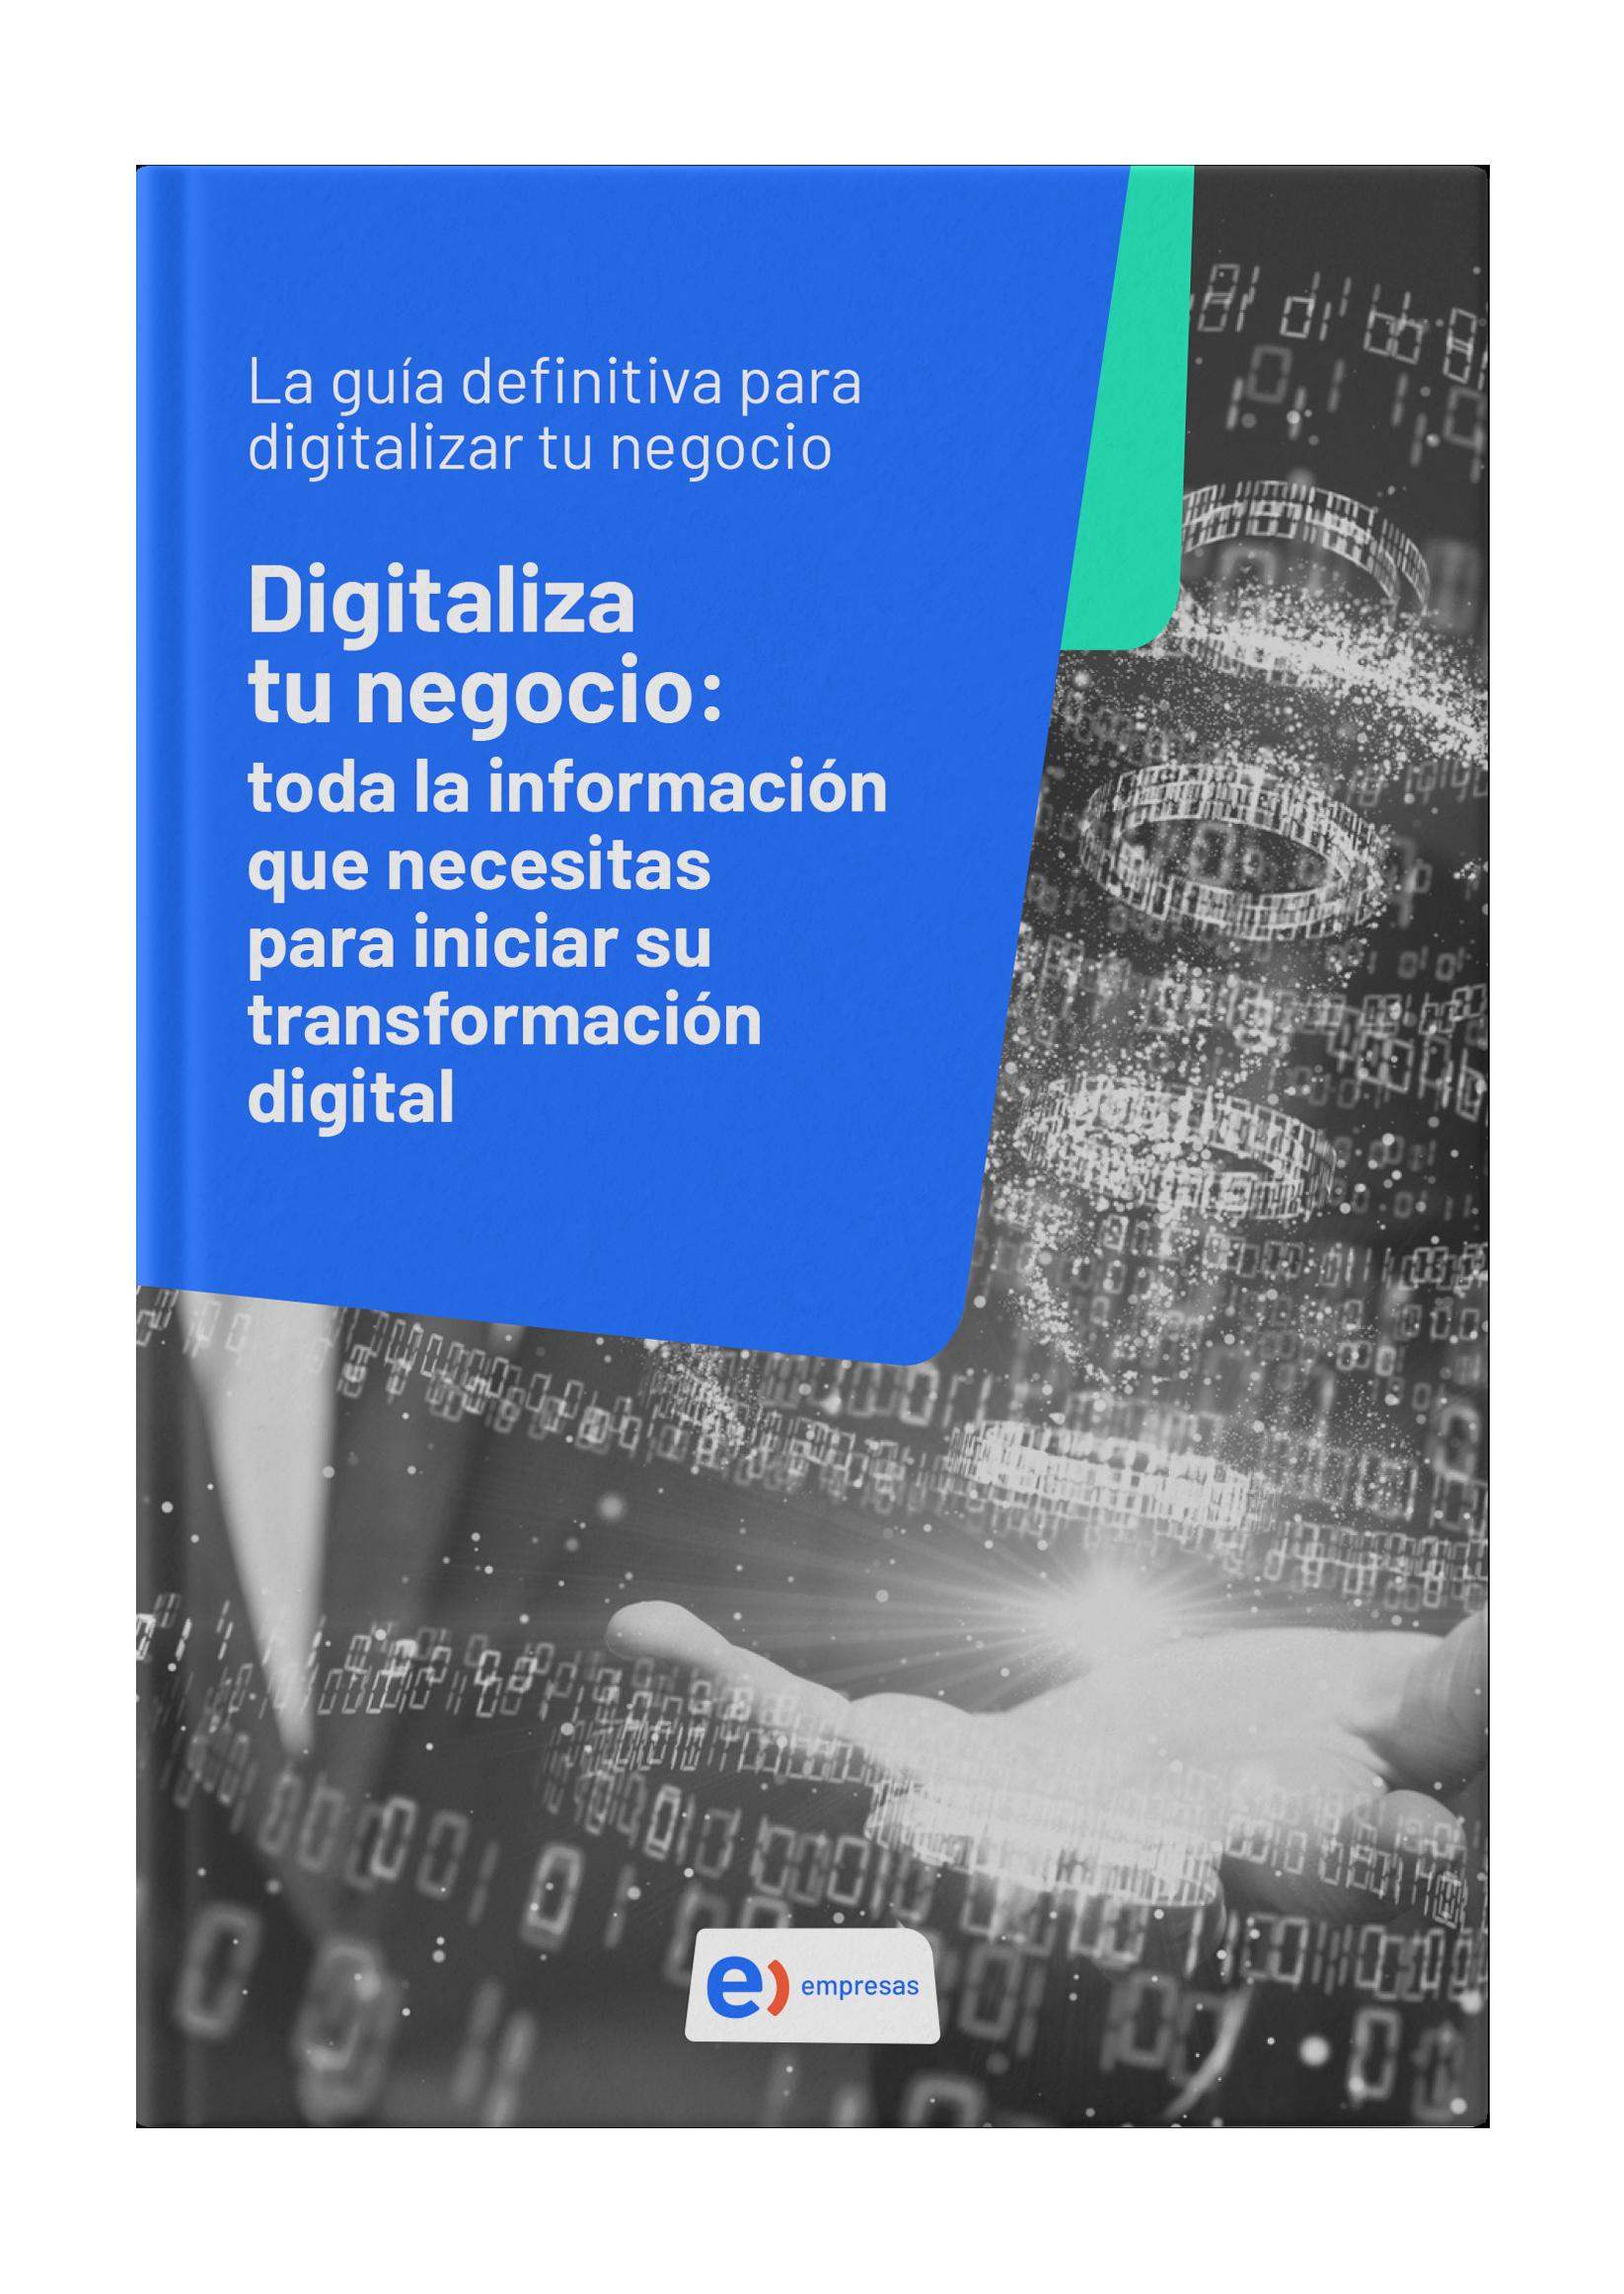 ENT_-_Digitaliza_tu_negocio_-_Portada_3D